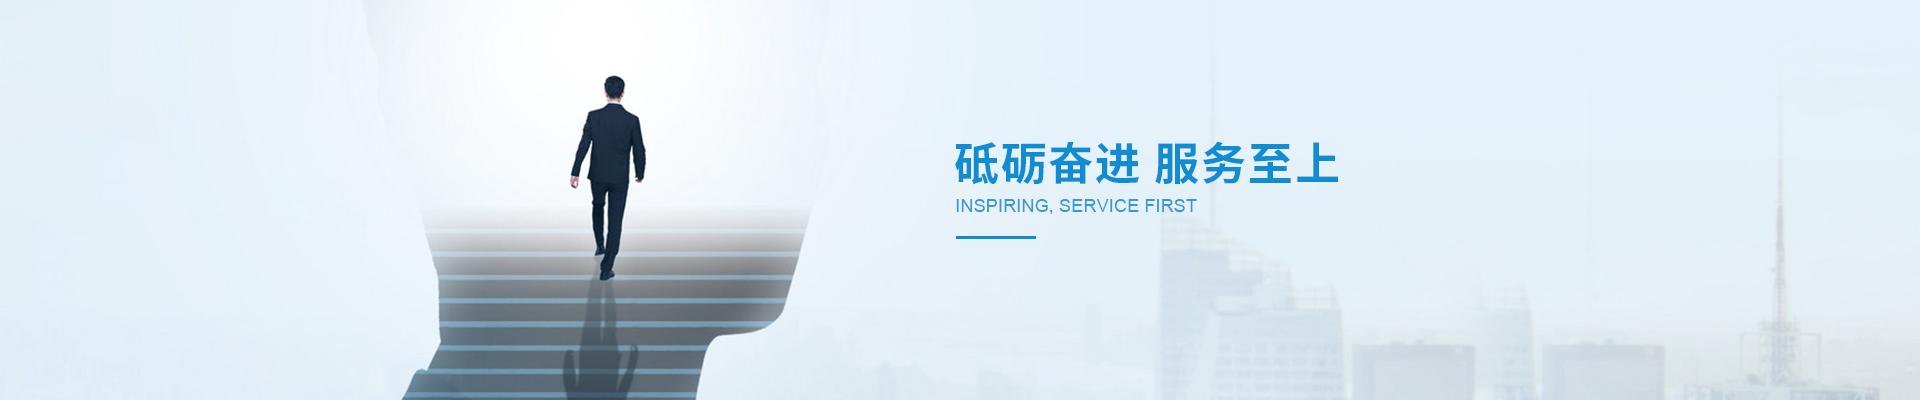 高淳區什么倉儲配送咨詢客戶至上「 南京淮通物流有限公司」